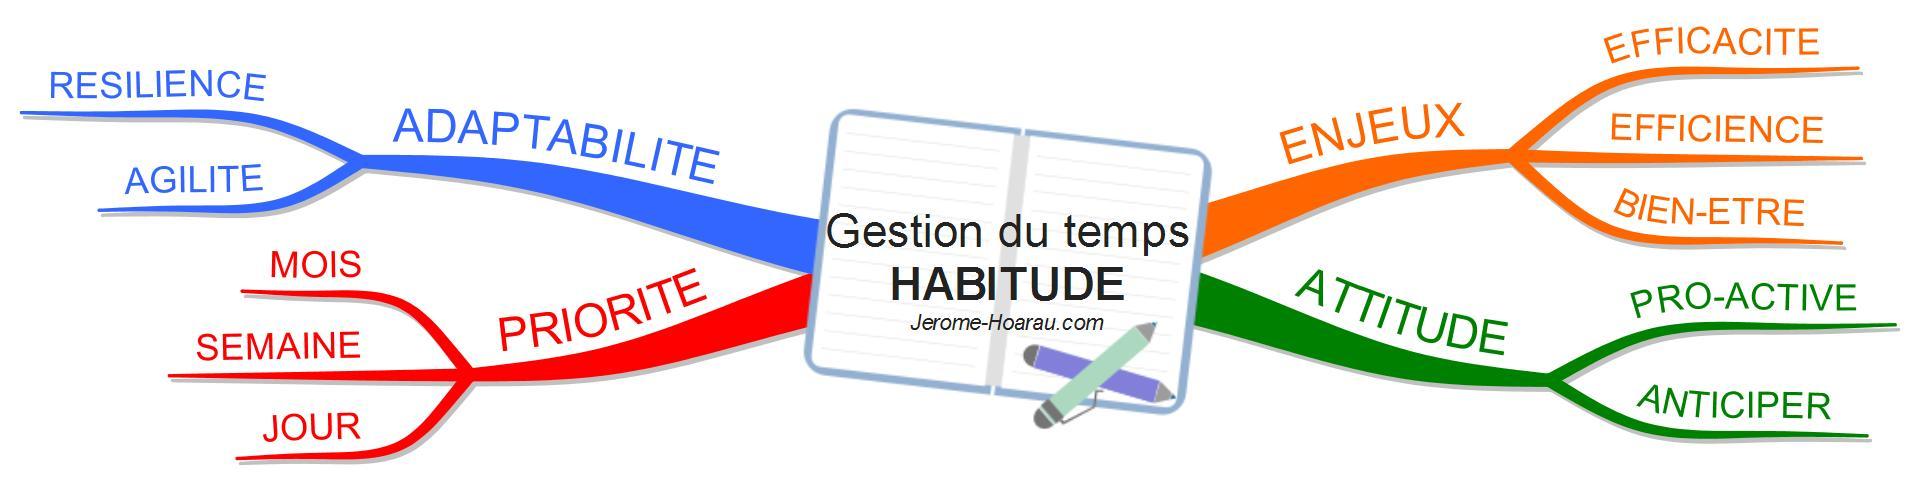 Gestion du temps HABITUDE Jerome-Hoarau.com